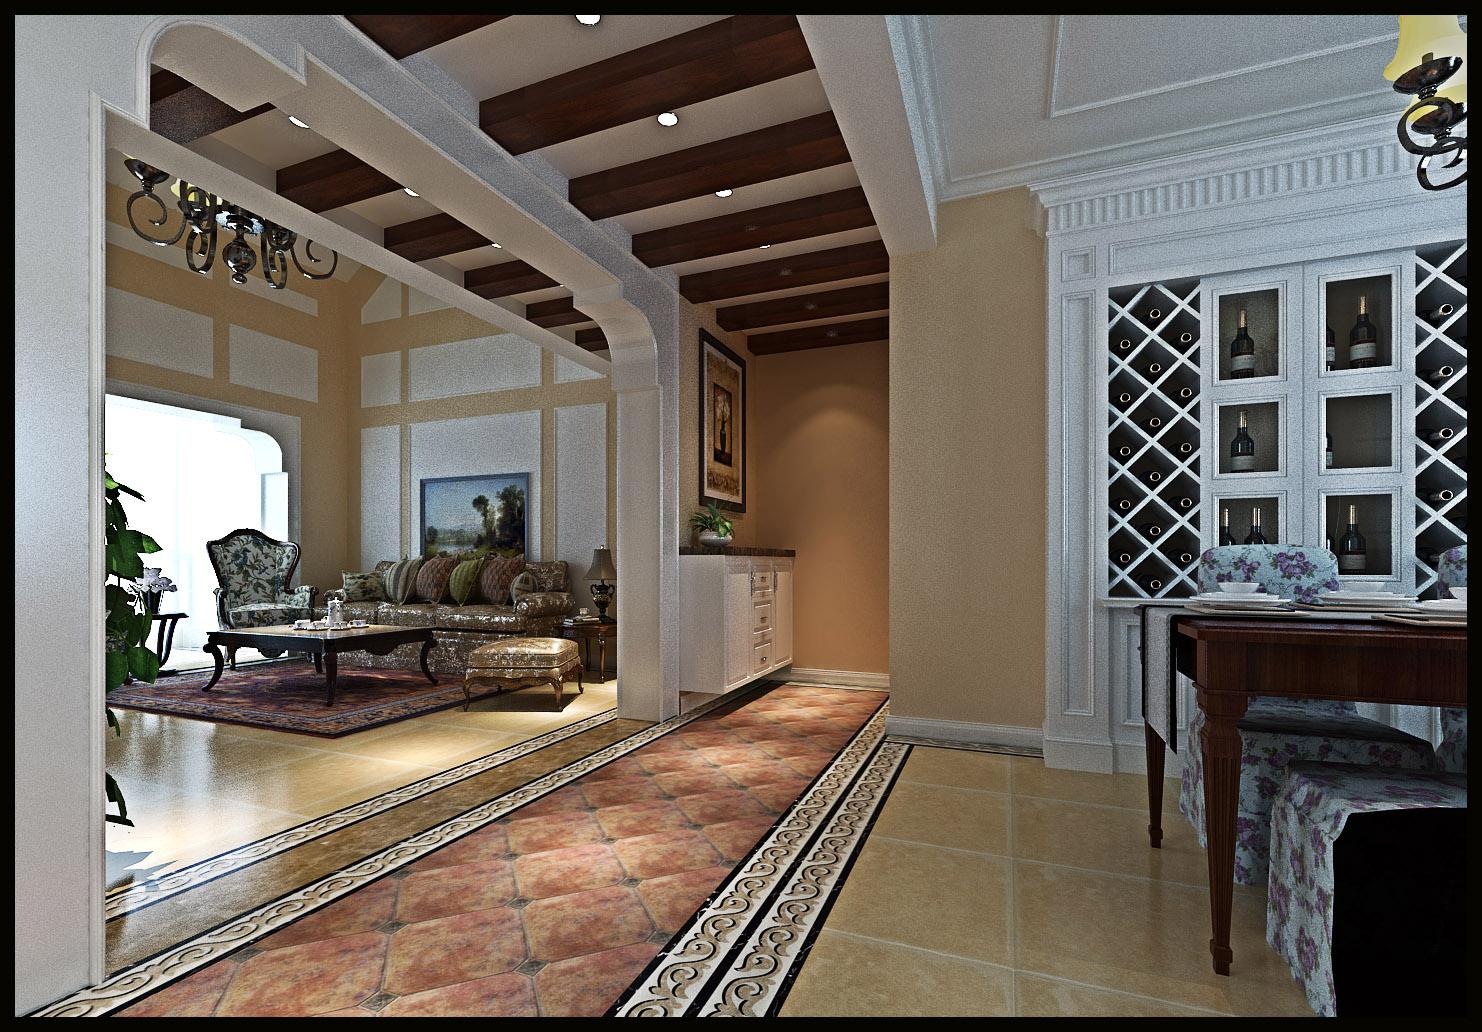 简约 欧式 田园 混搭 三居 二居 别墅 白领 旧房改造 客厅图片来自泪2000在阿卡迪亚的分享